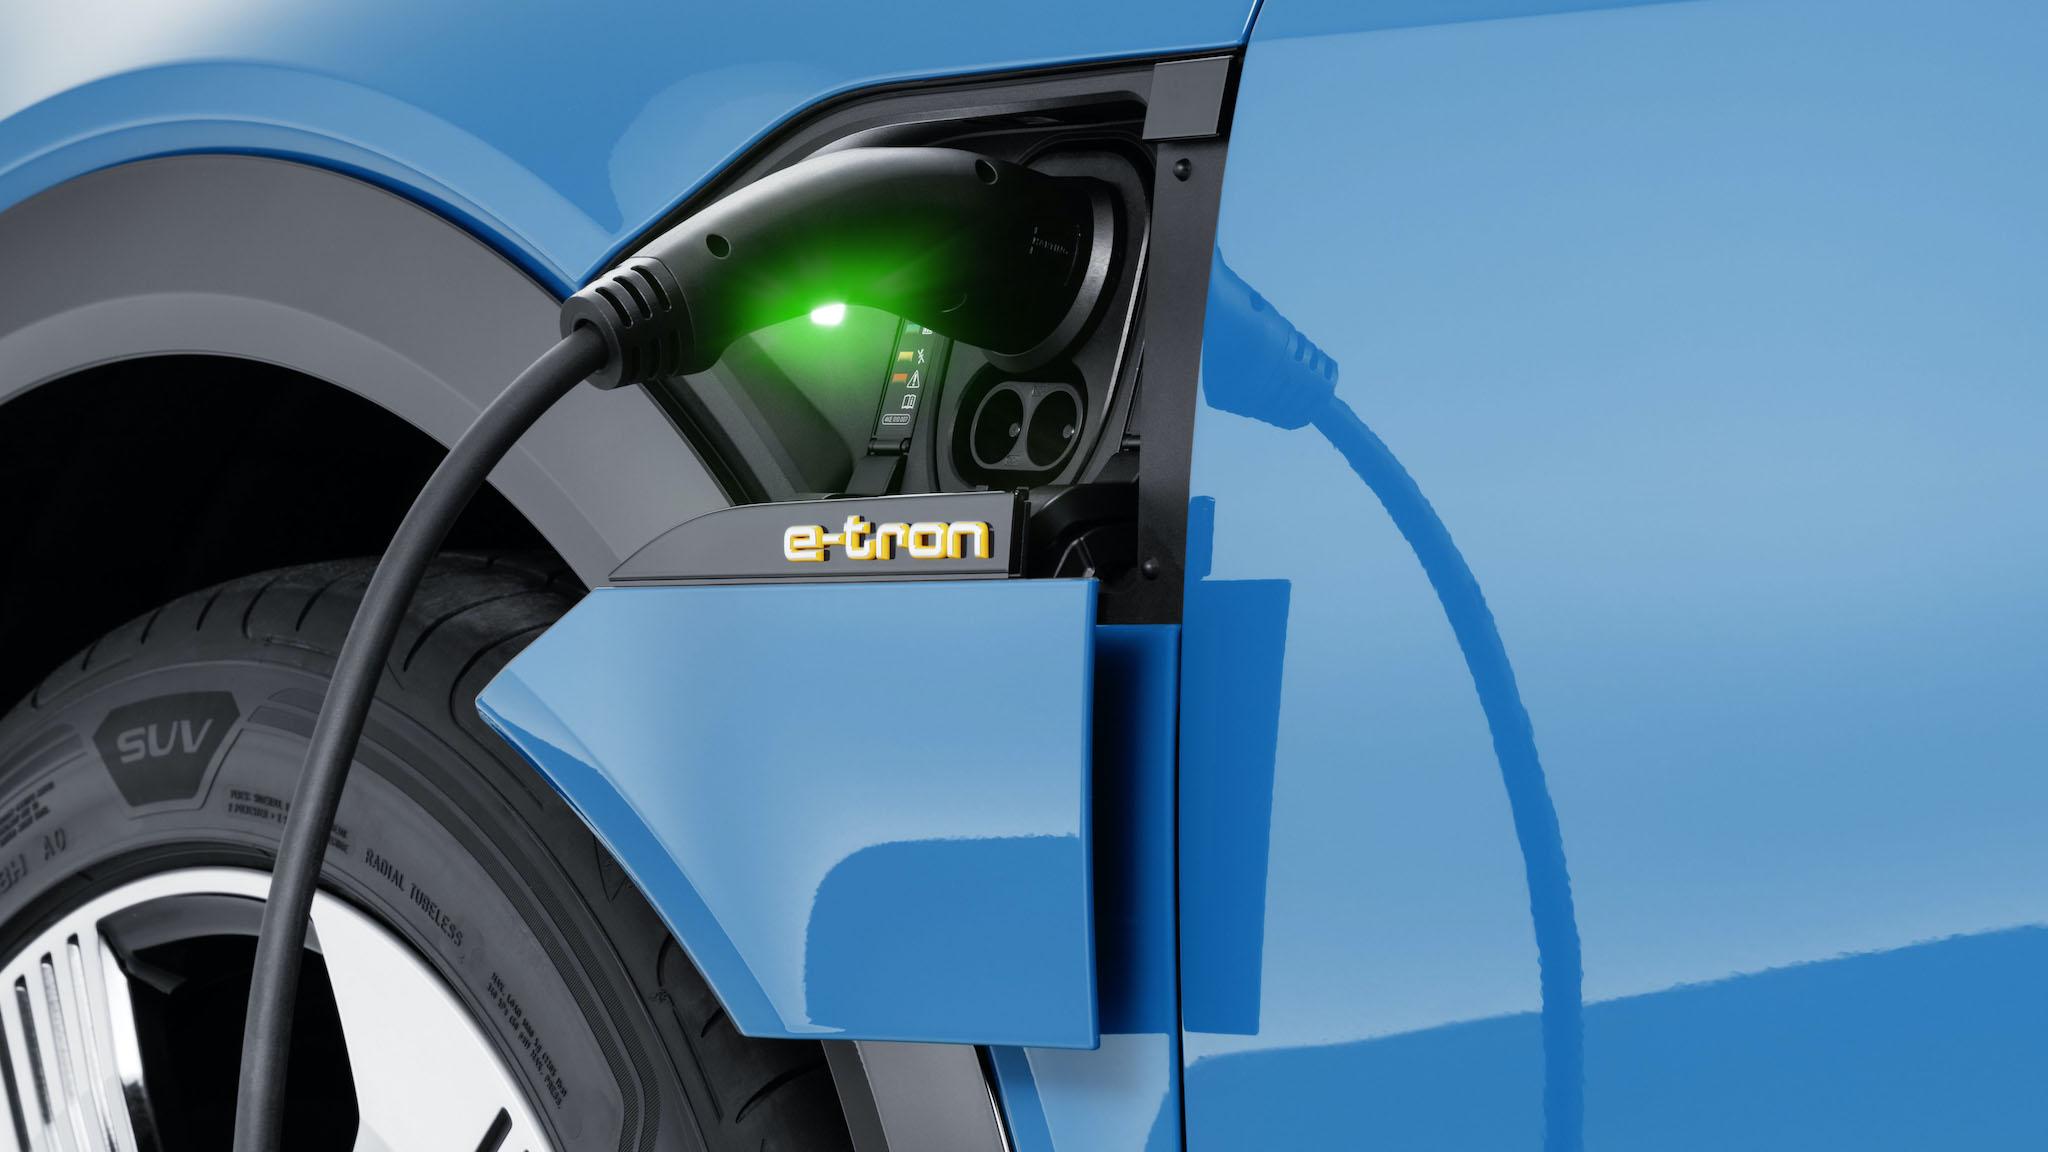 Audi 與華城 EValue 合作,年底前新增 5 座快充站及 150 座交流充電站